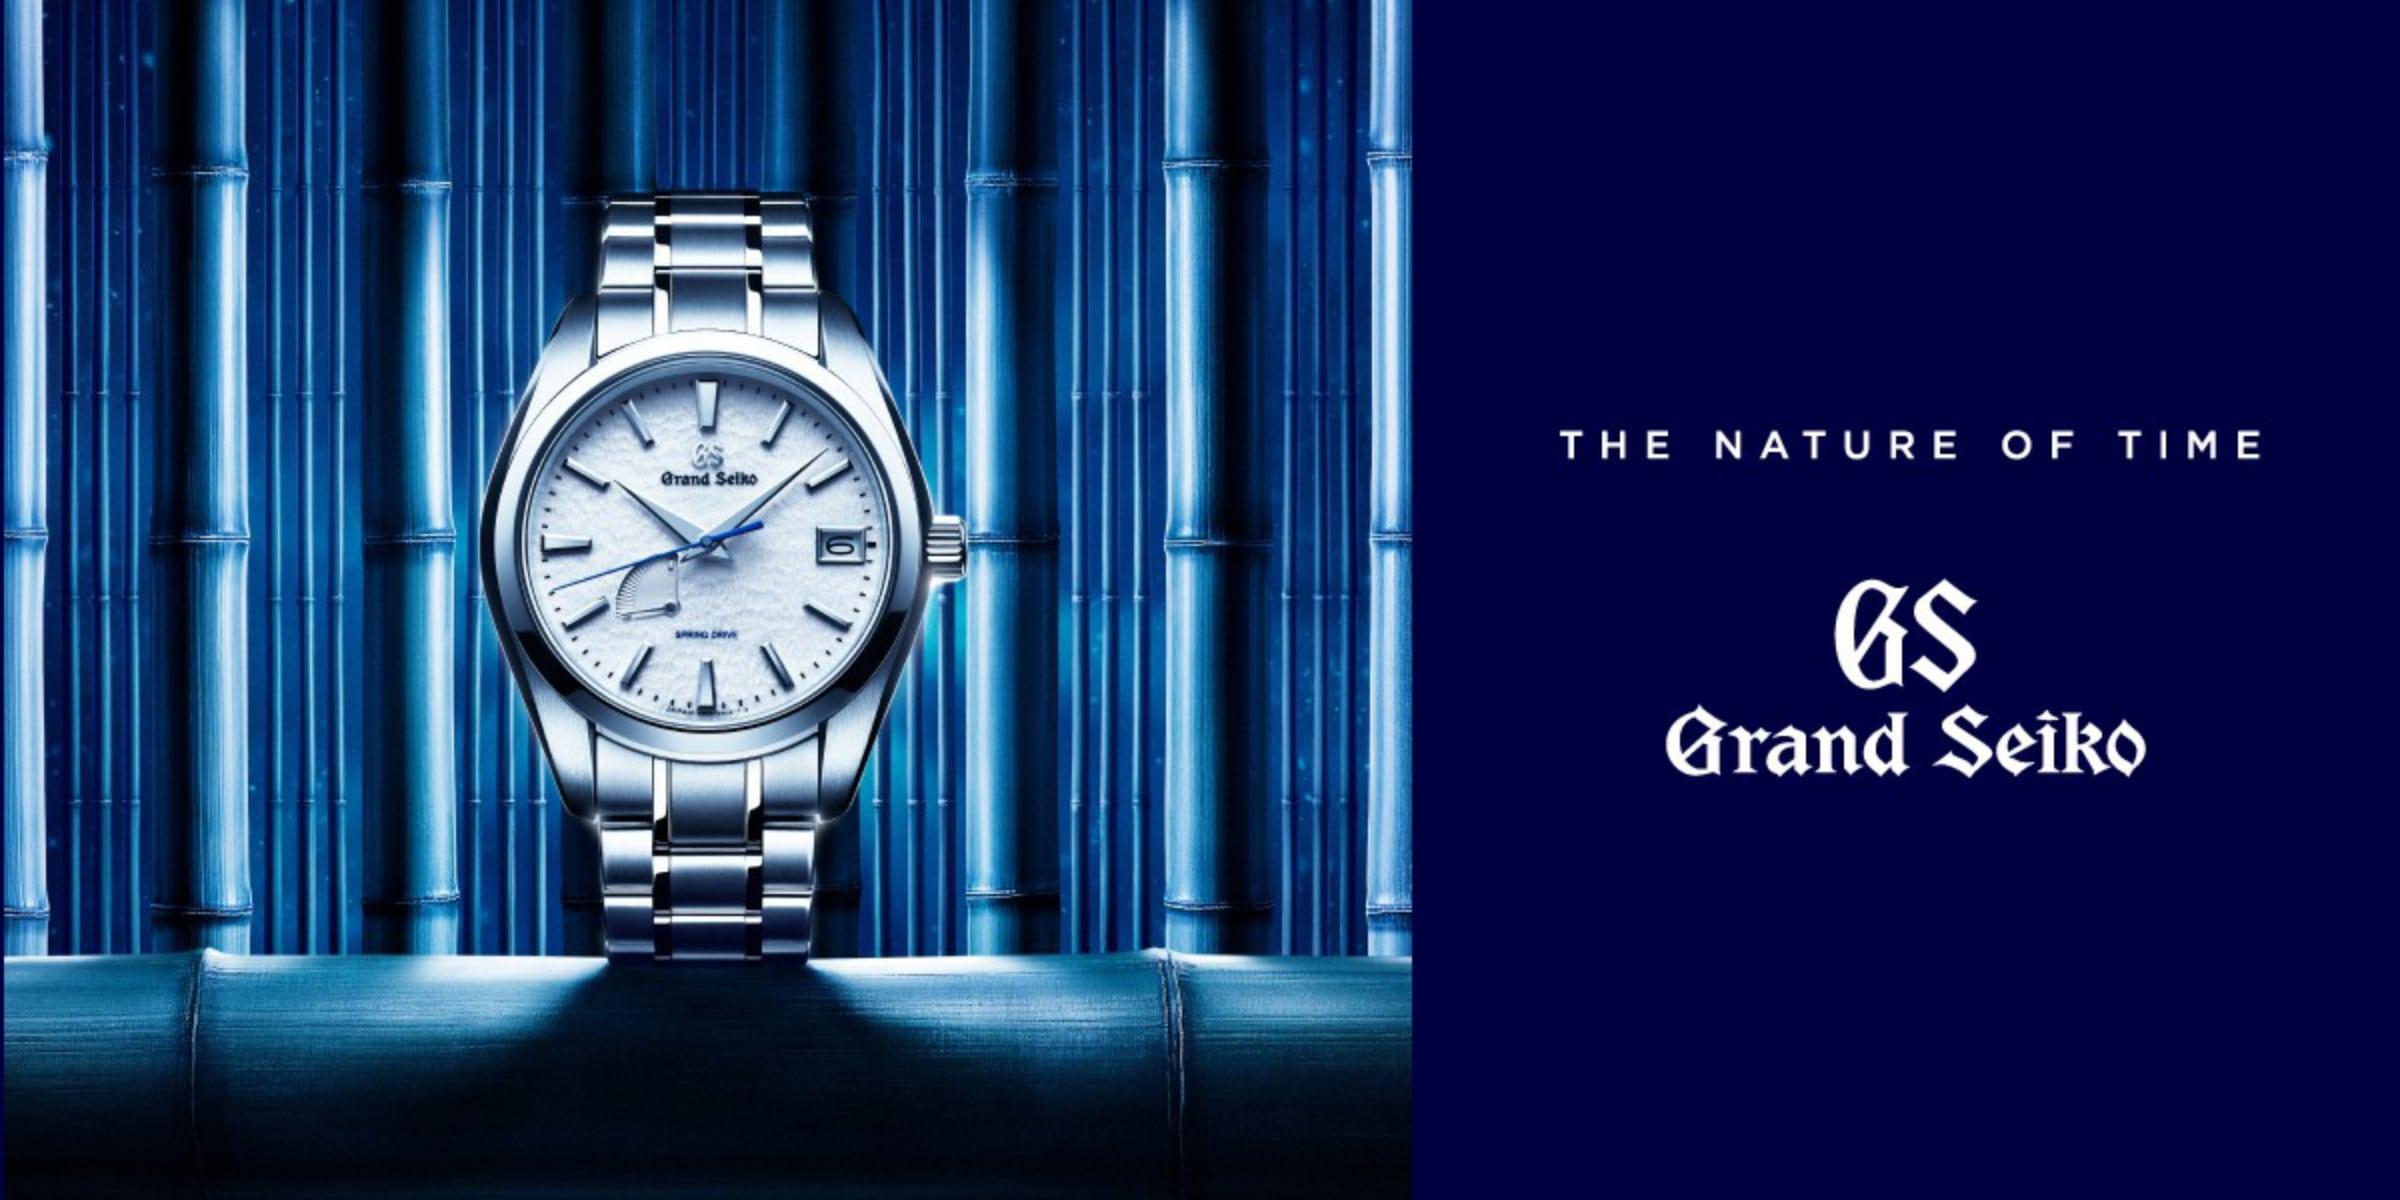 THE NATURE OF TIME Grand Seiko